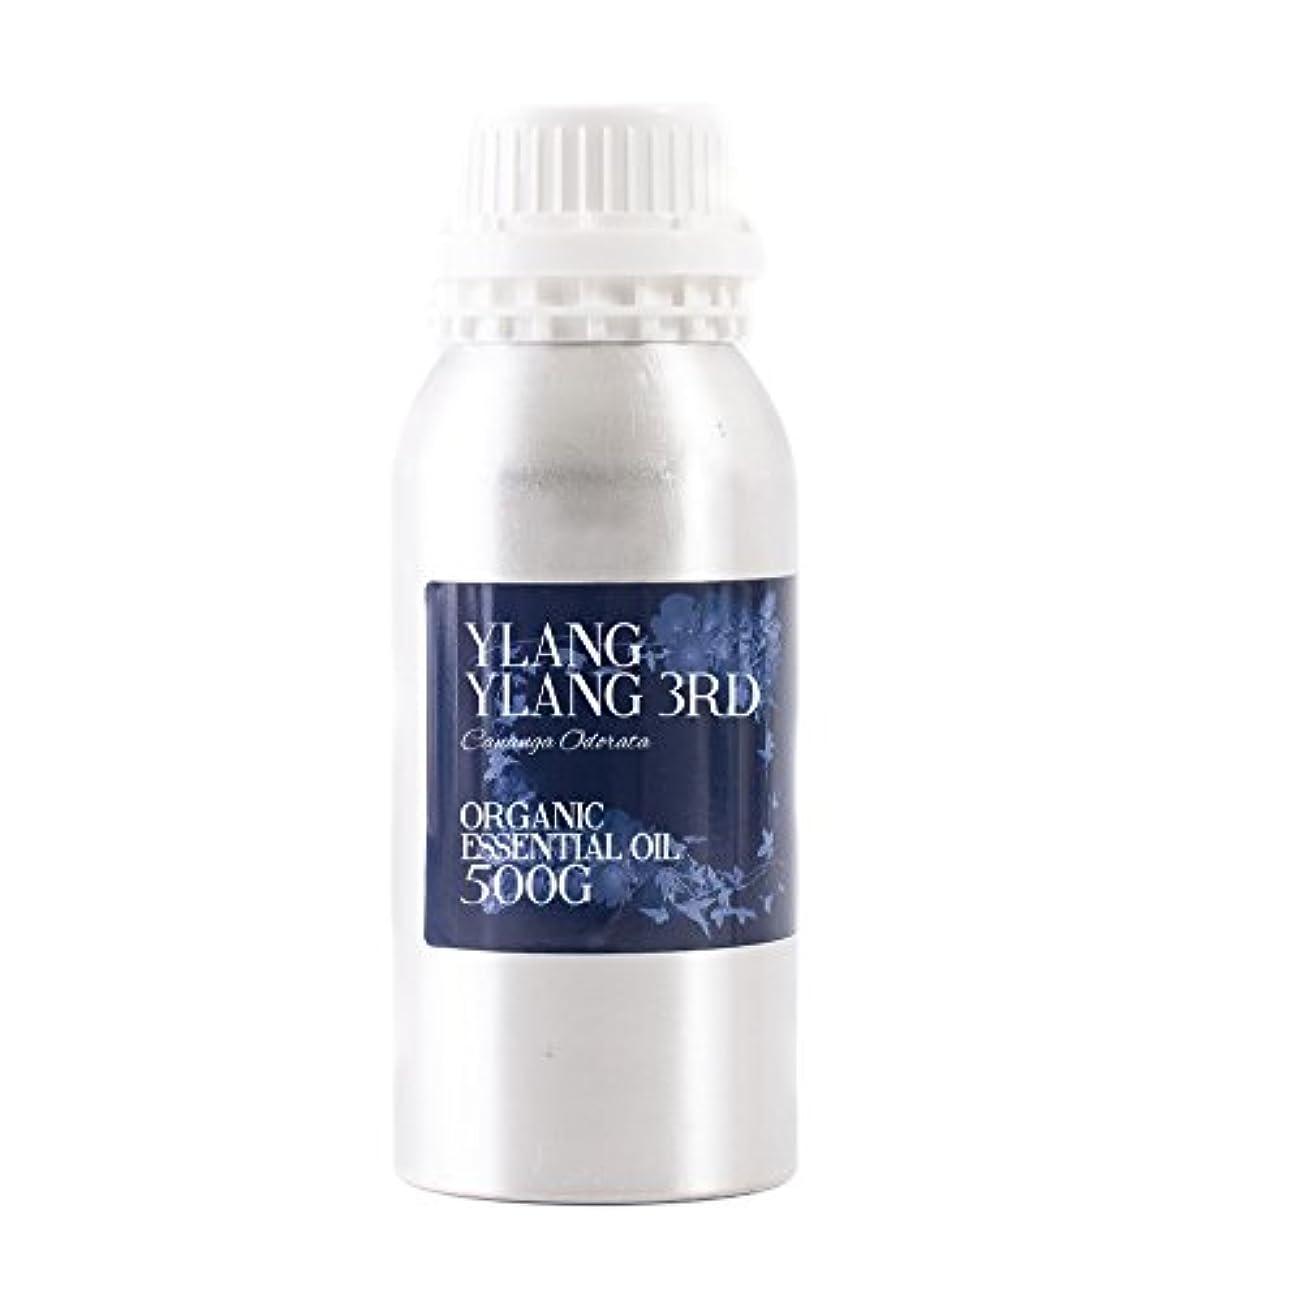 かける幼児レポートを書くMystic Moments | Ylang Ylang 3rd Organic Essential Oil - 500g - 100% Pure